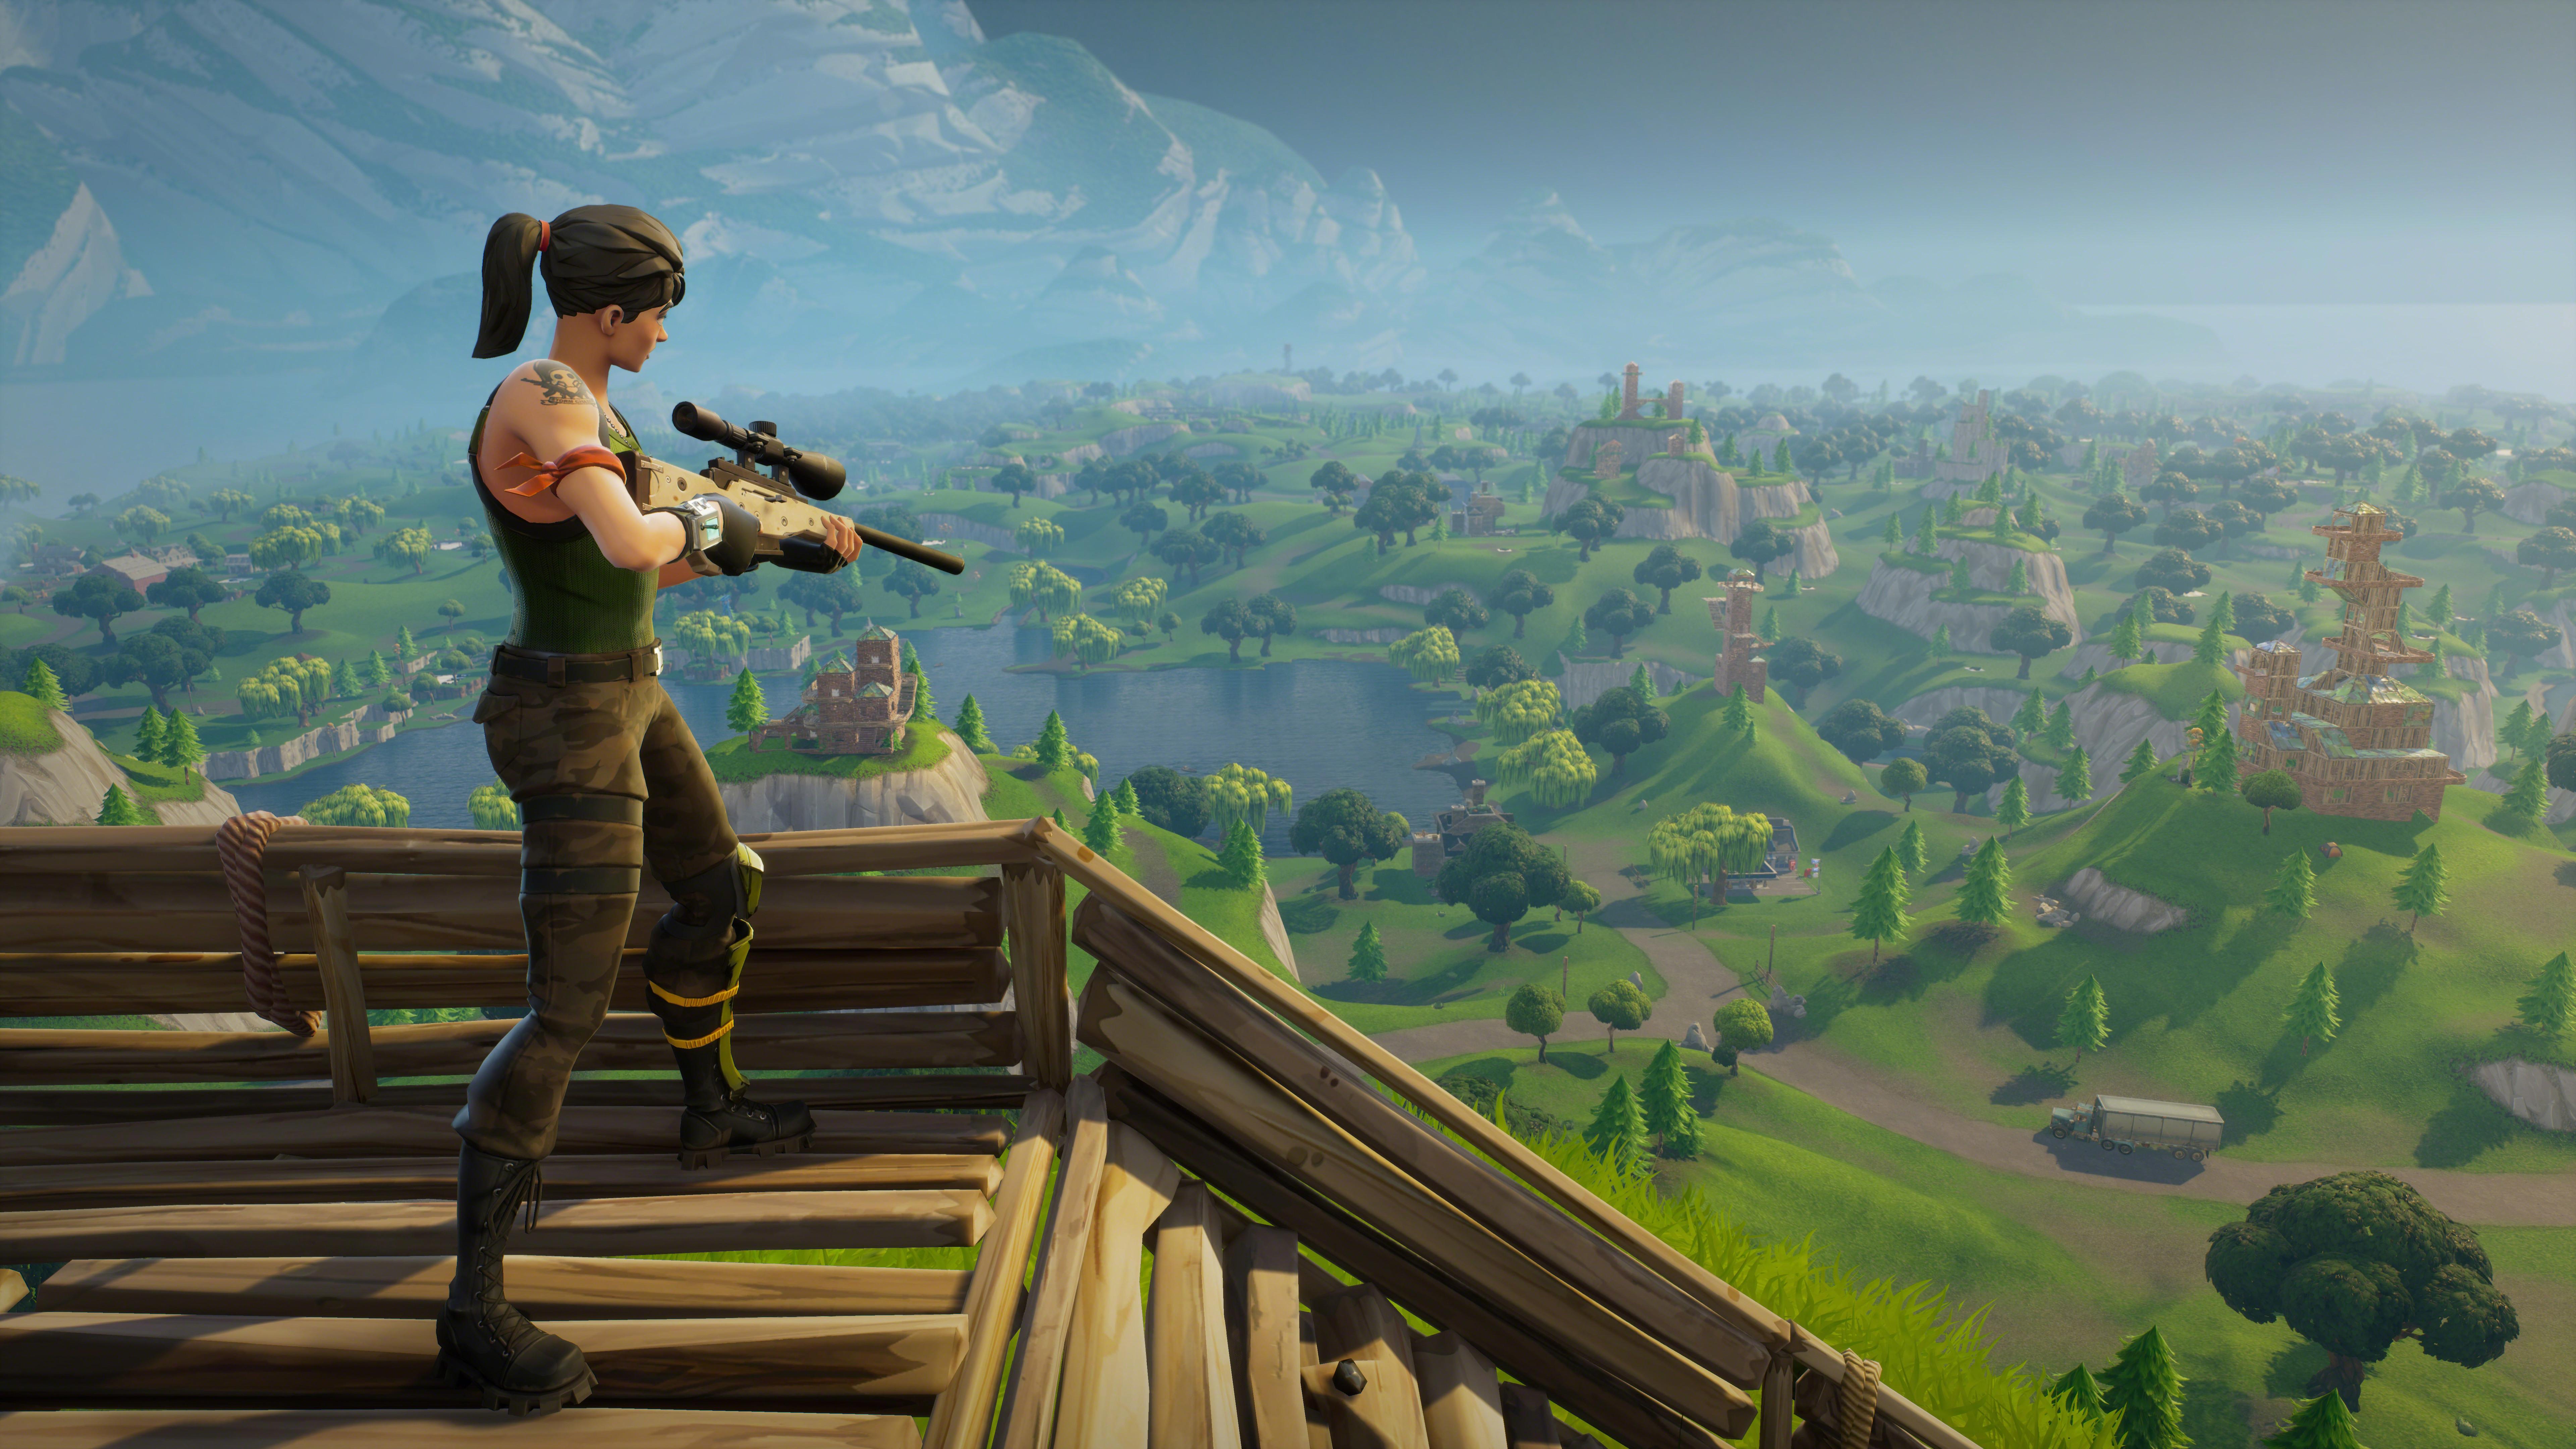 Fortnite Sniper 8k Hx